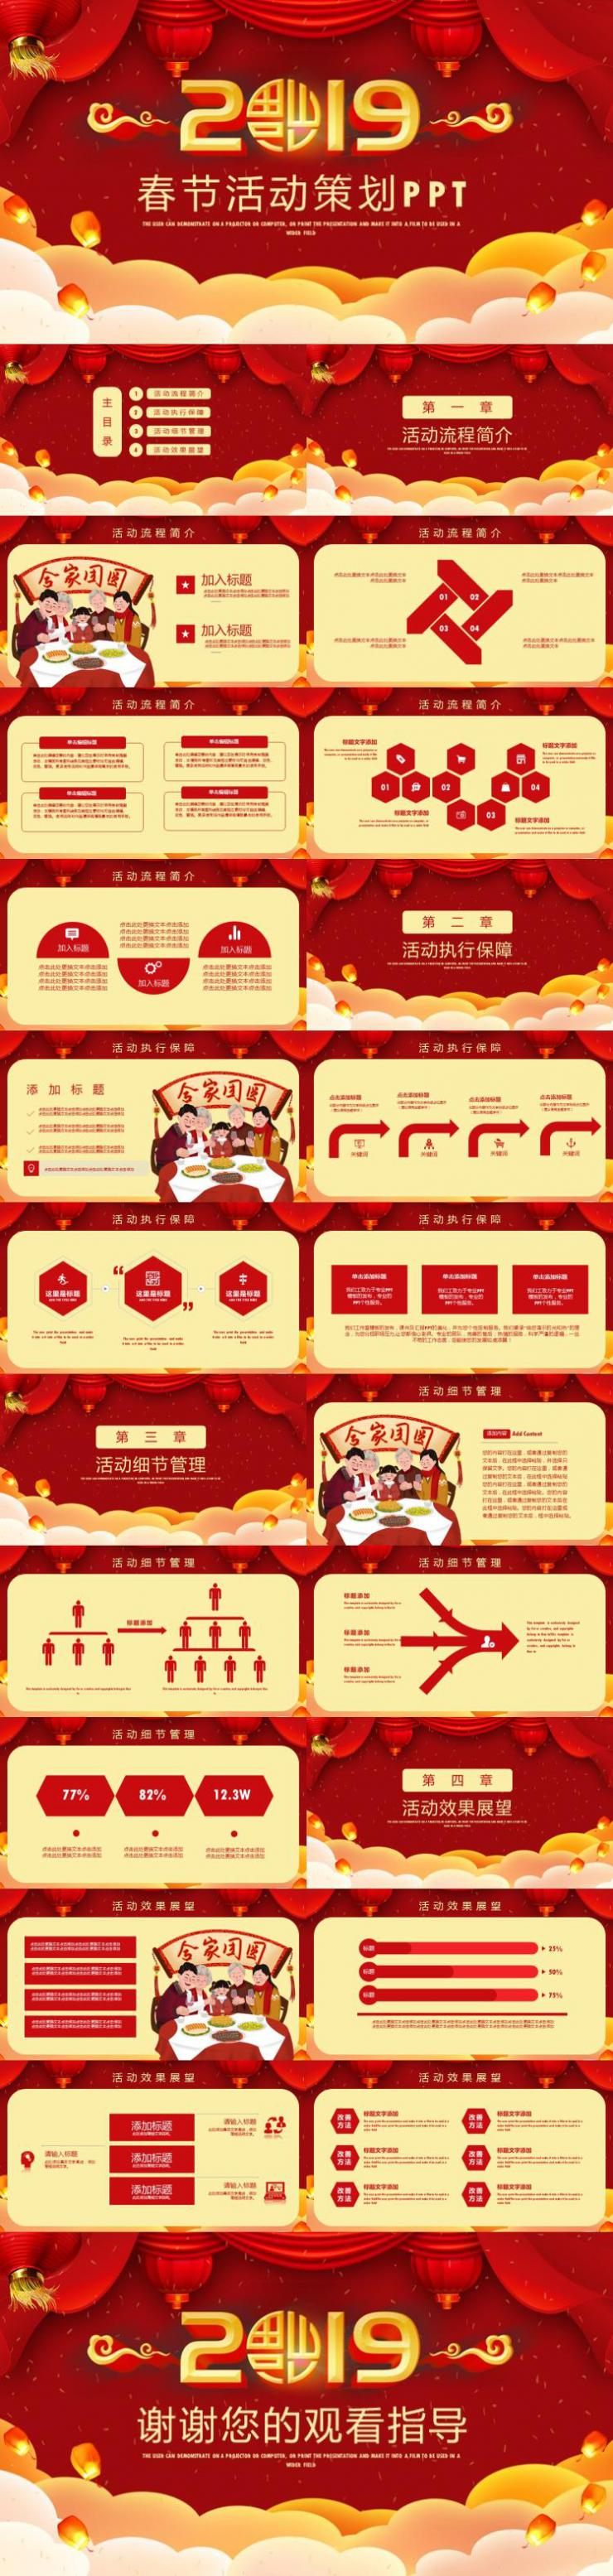 2019年新年春节活动策划PPT模板